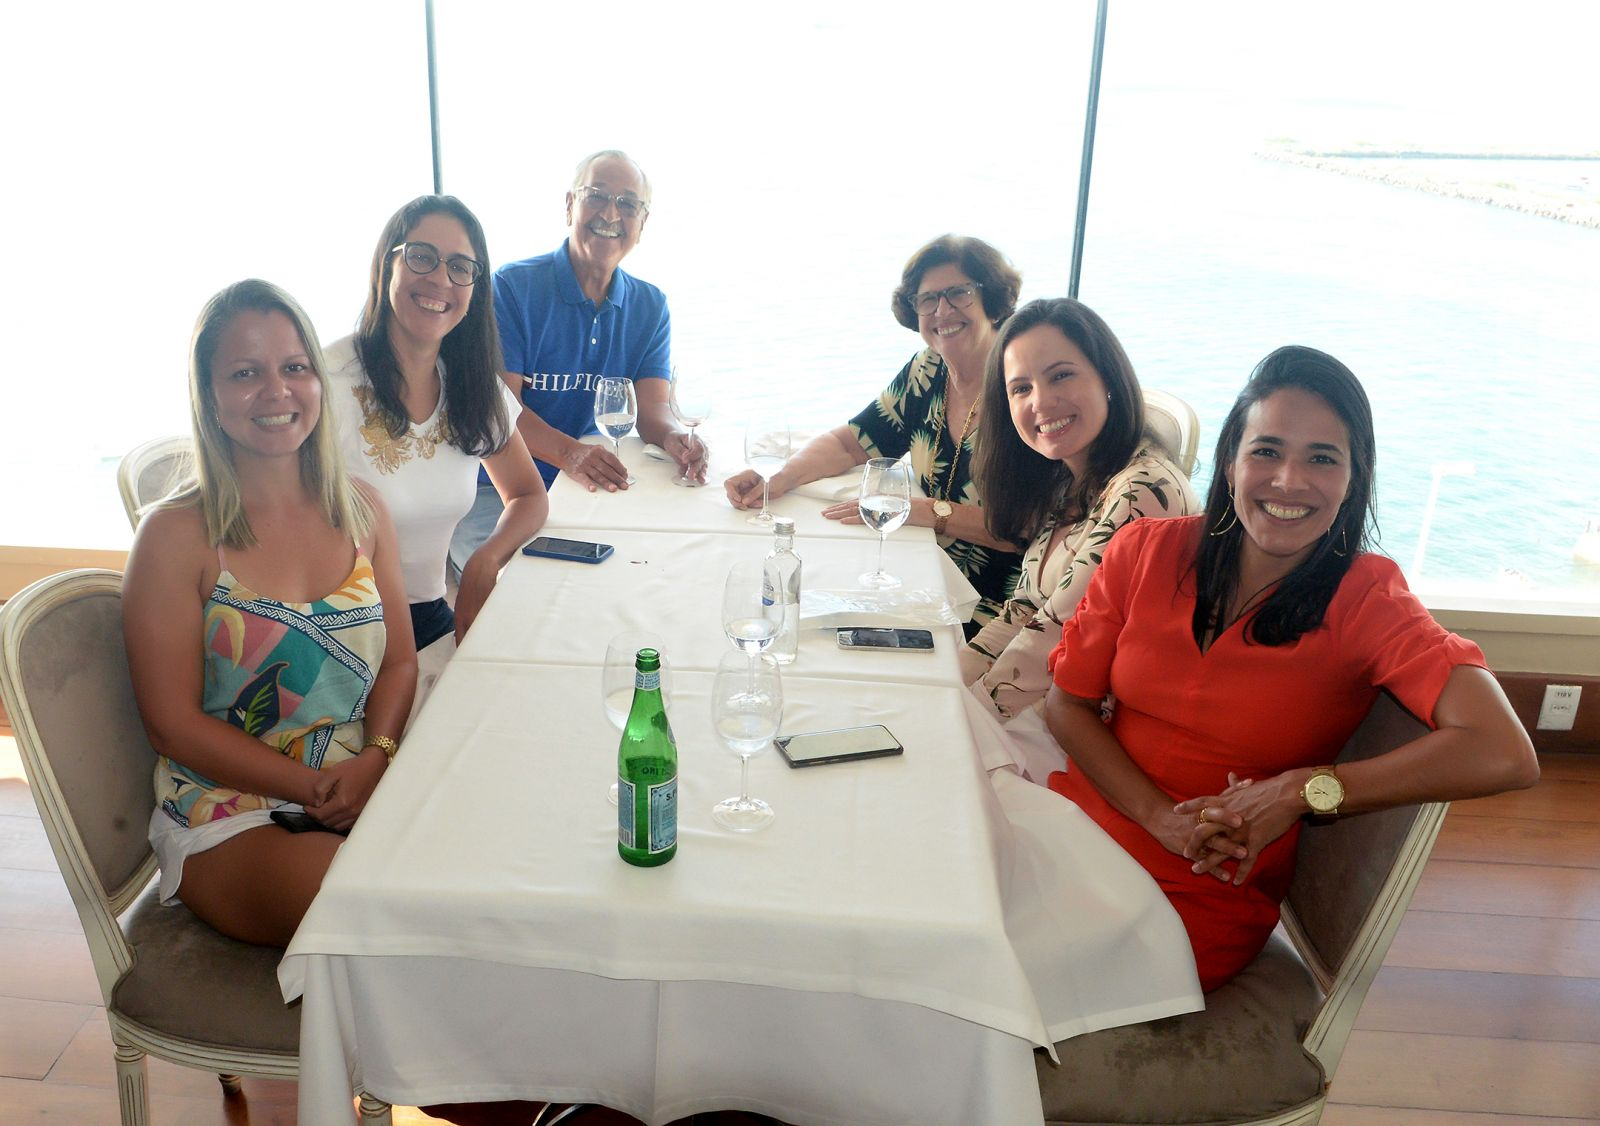 Terezinha e Luiz Nascimento almoçando no Chez Bernard em comemoração aos 51 anos de casados